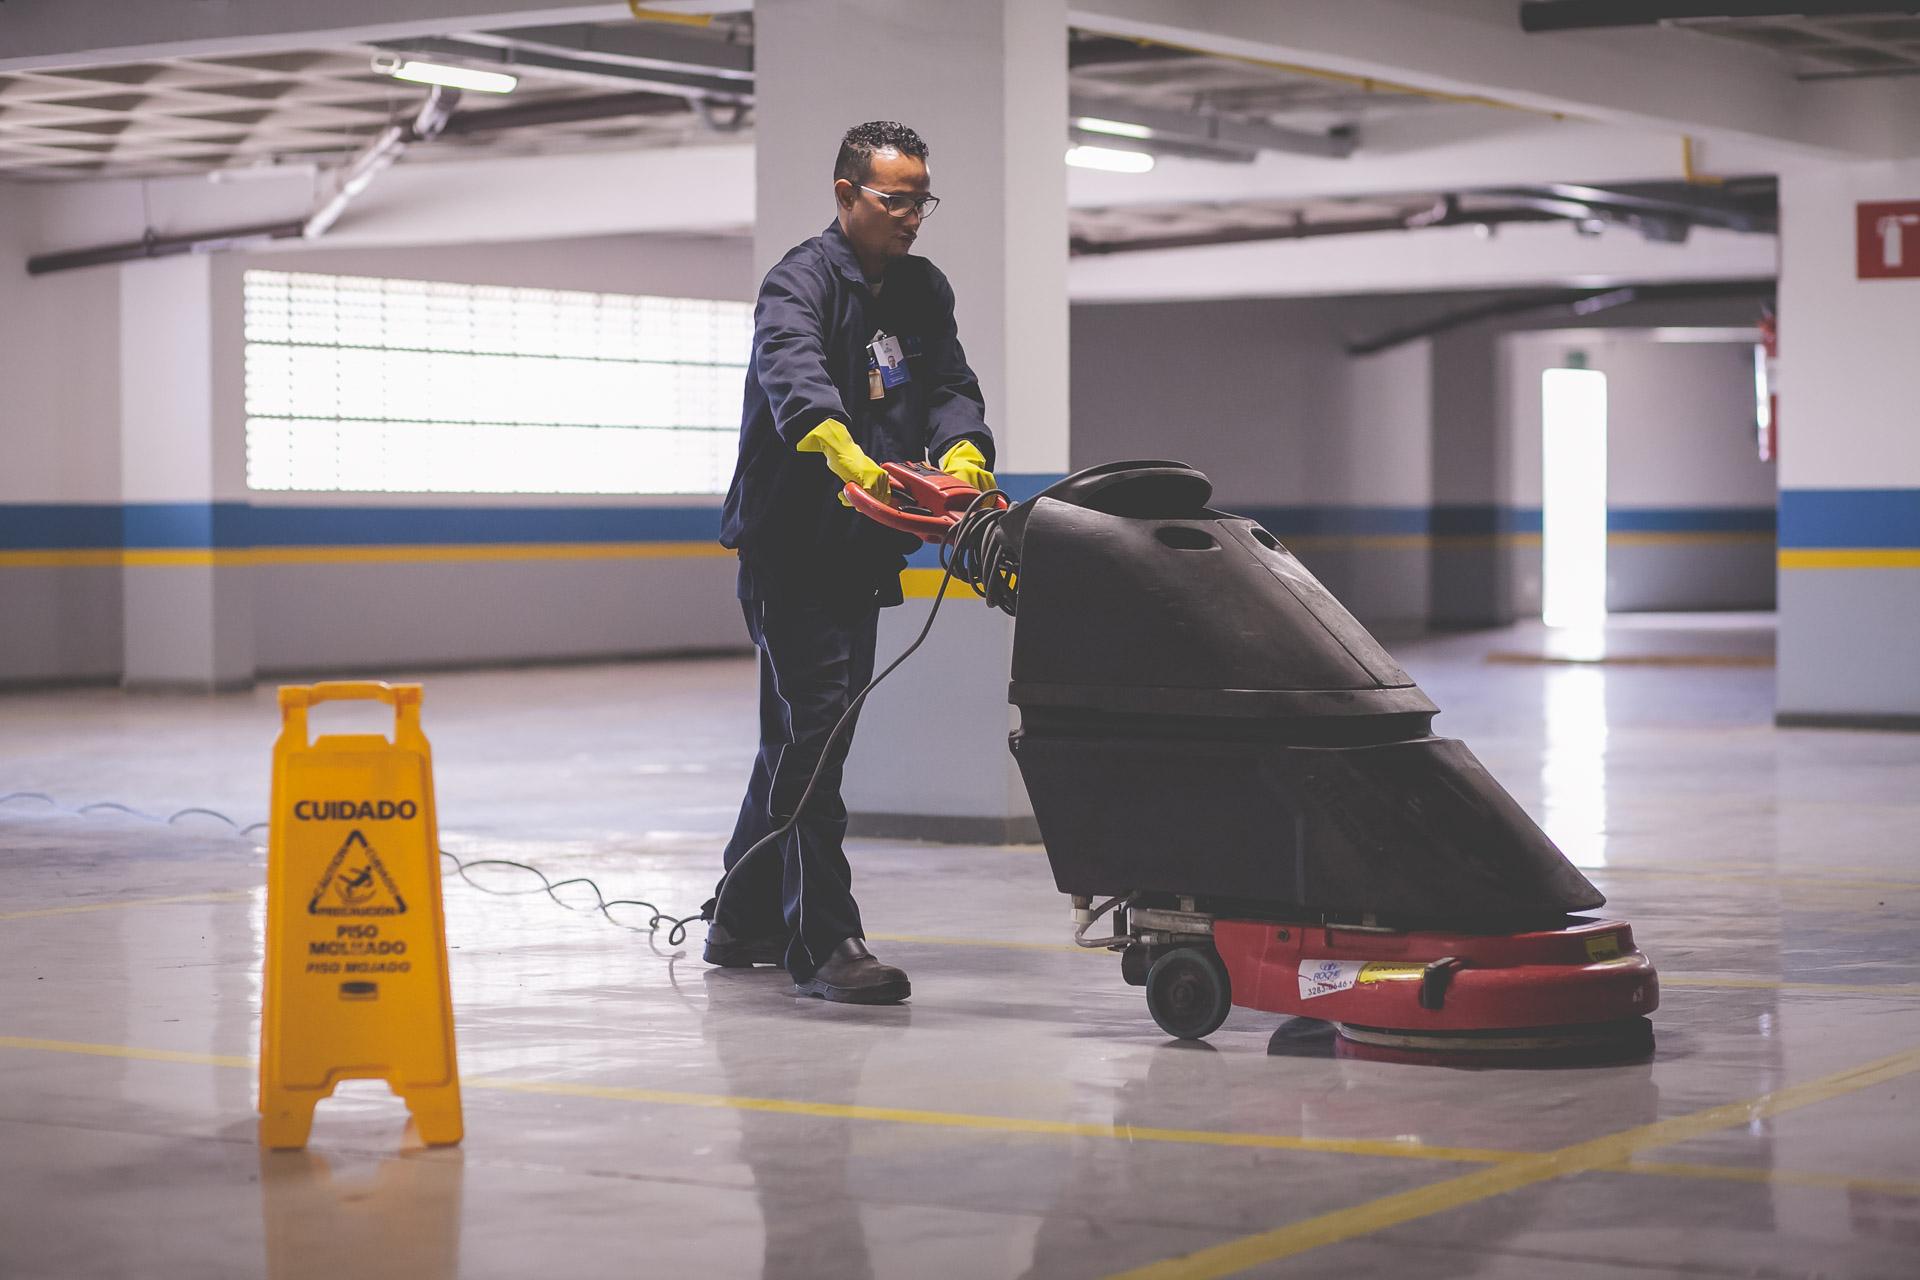 Uso de EPIs ara serviços de limpeza